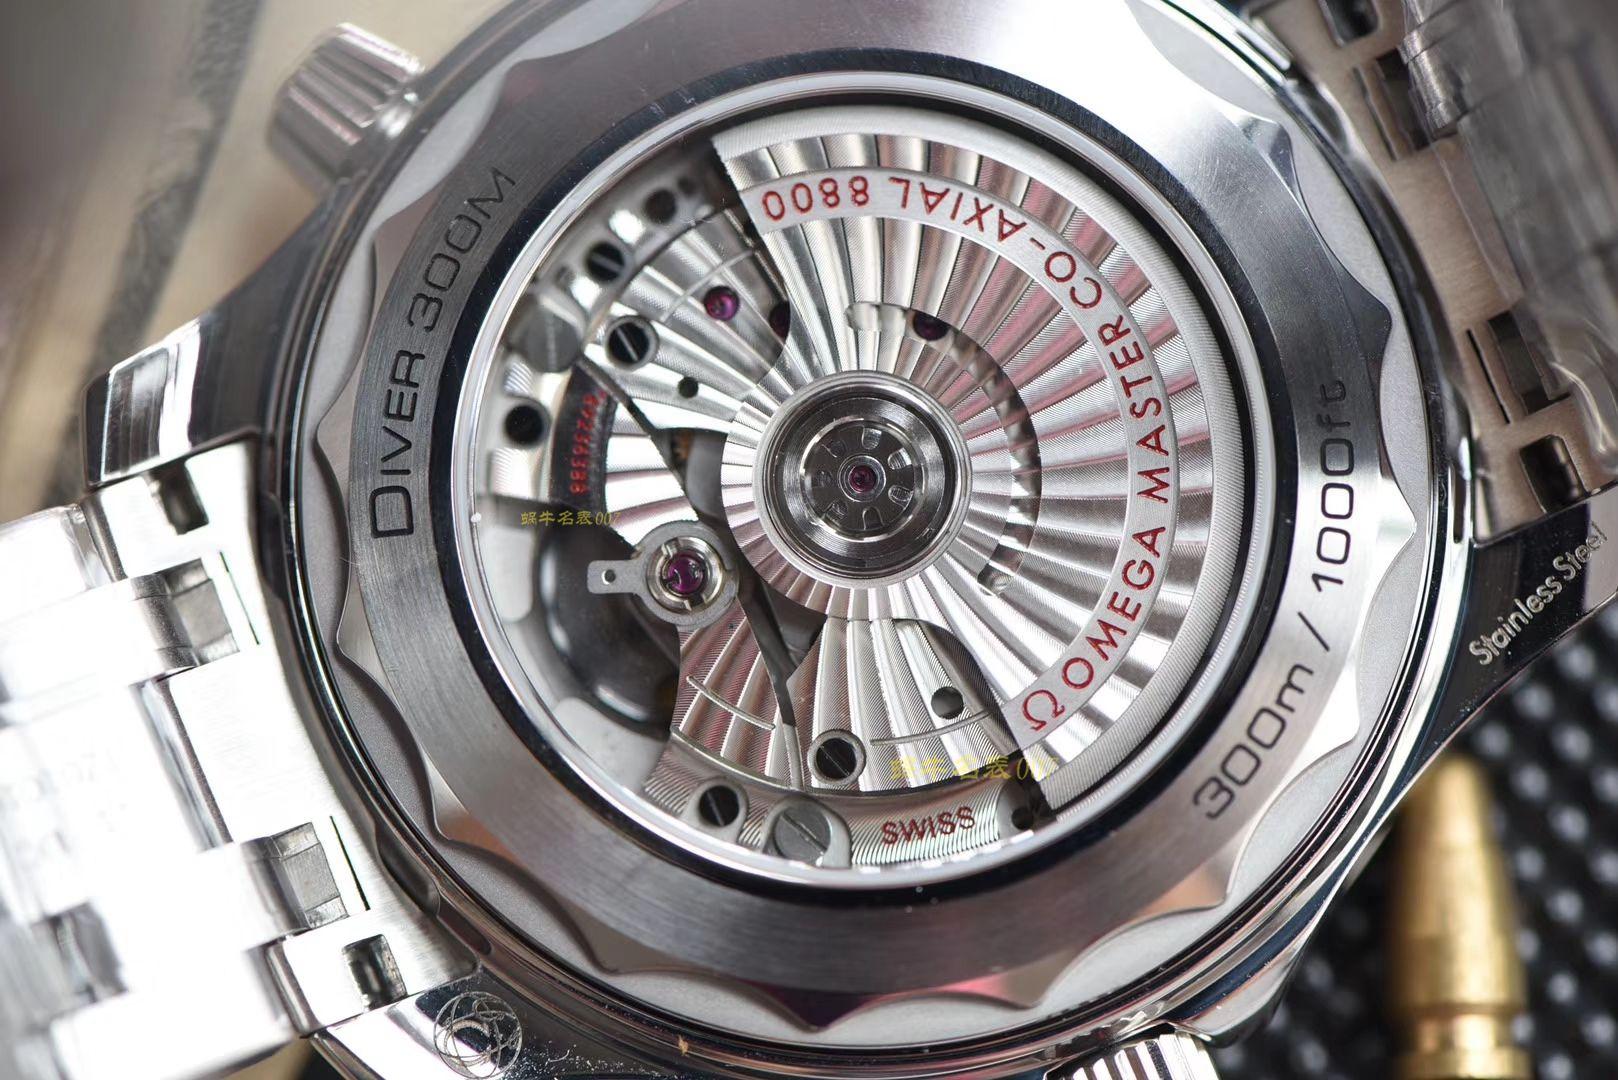 【视频评测】欧米茄海马系列210.30.42.20.01.001腕表(VS厂一比一超A精仿)